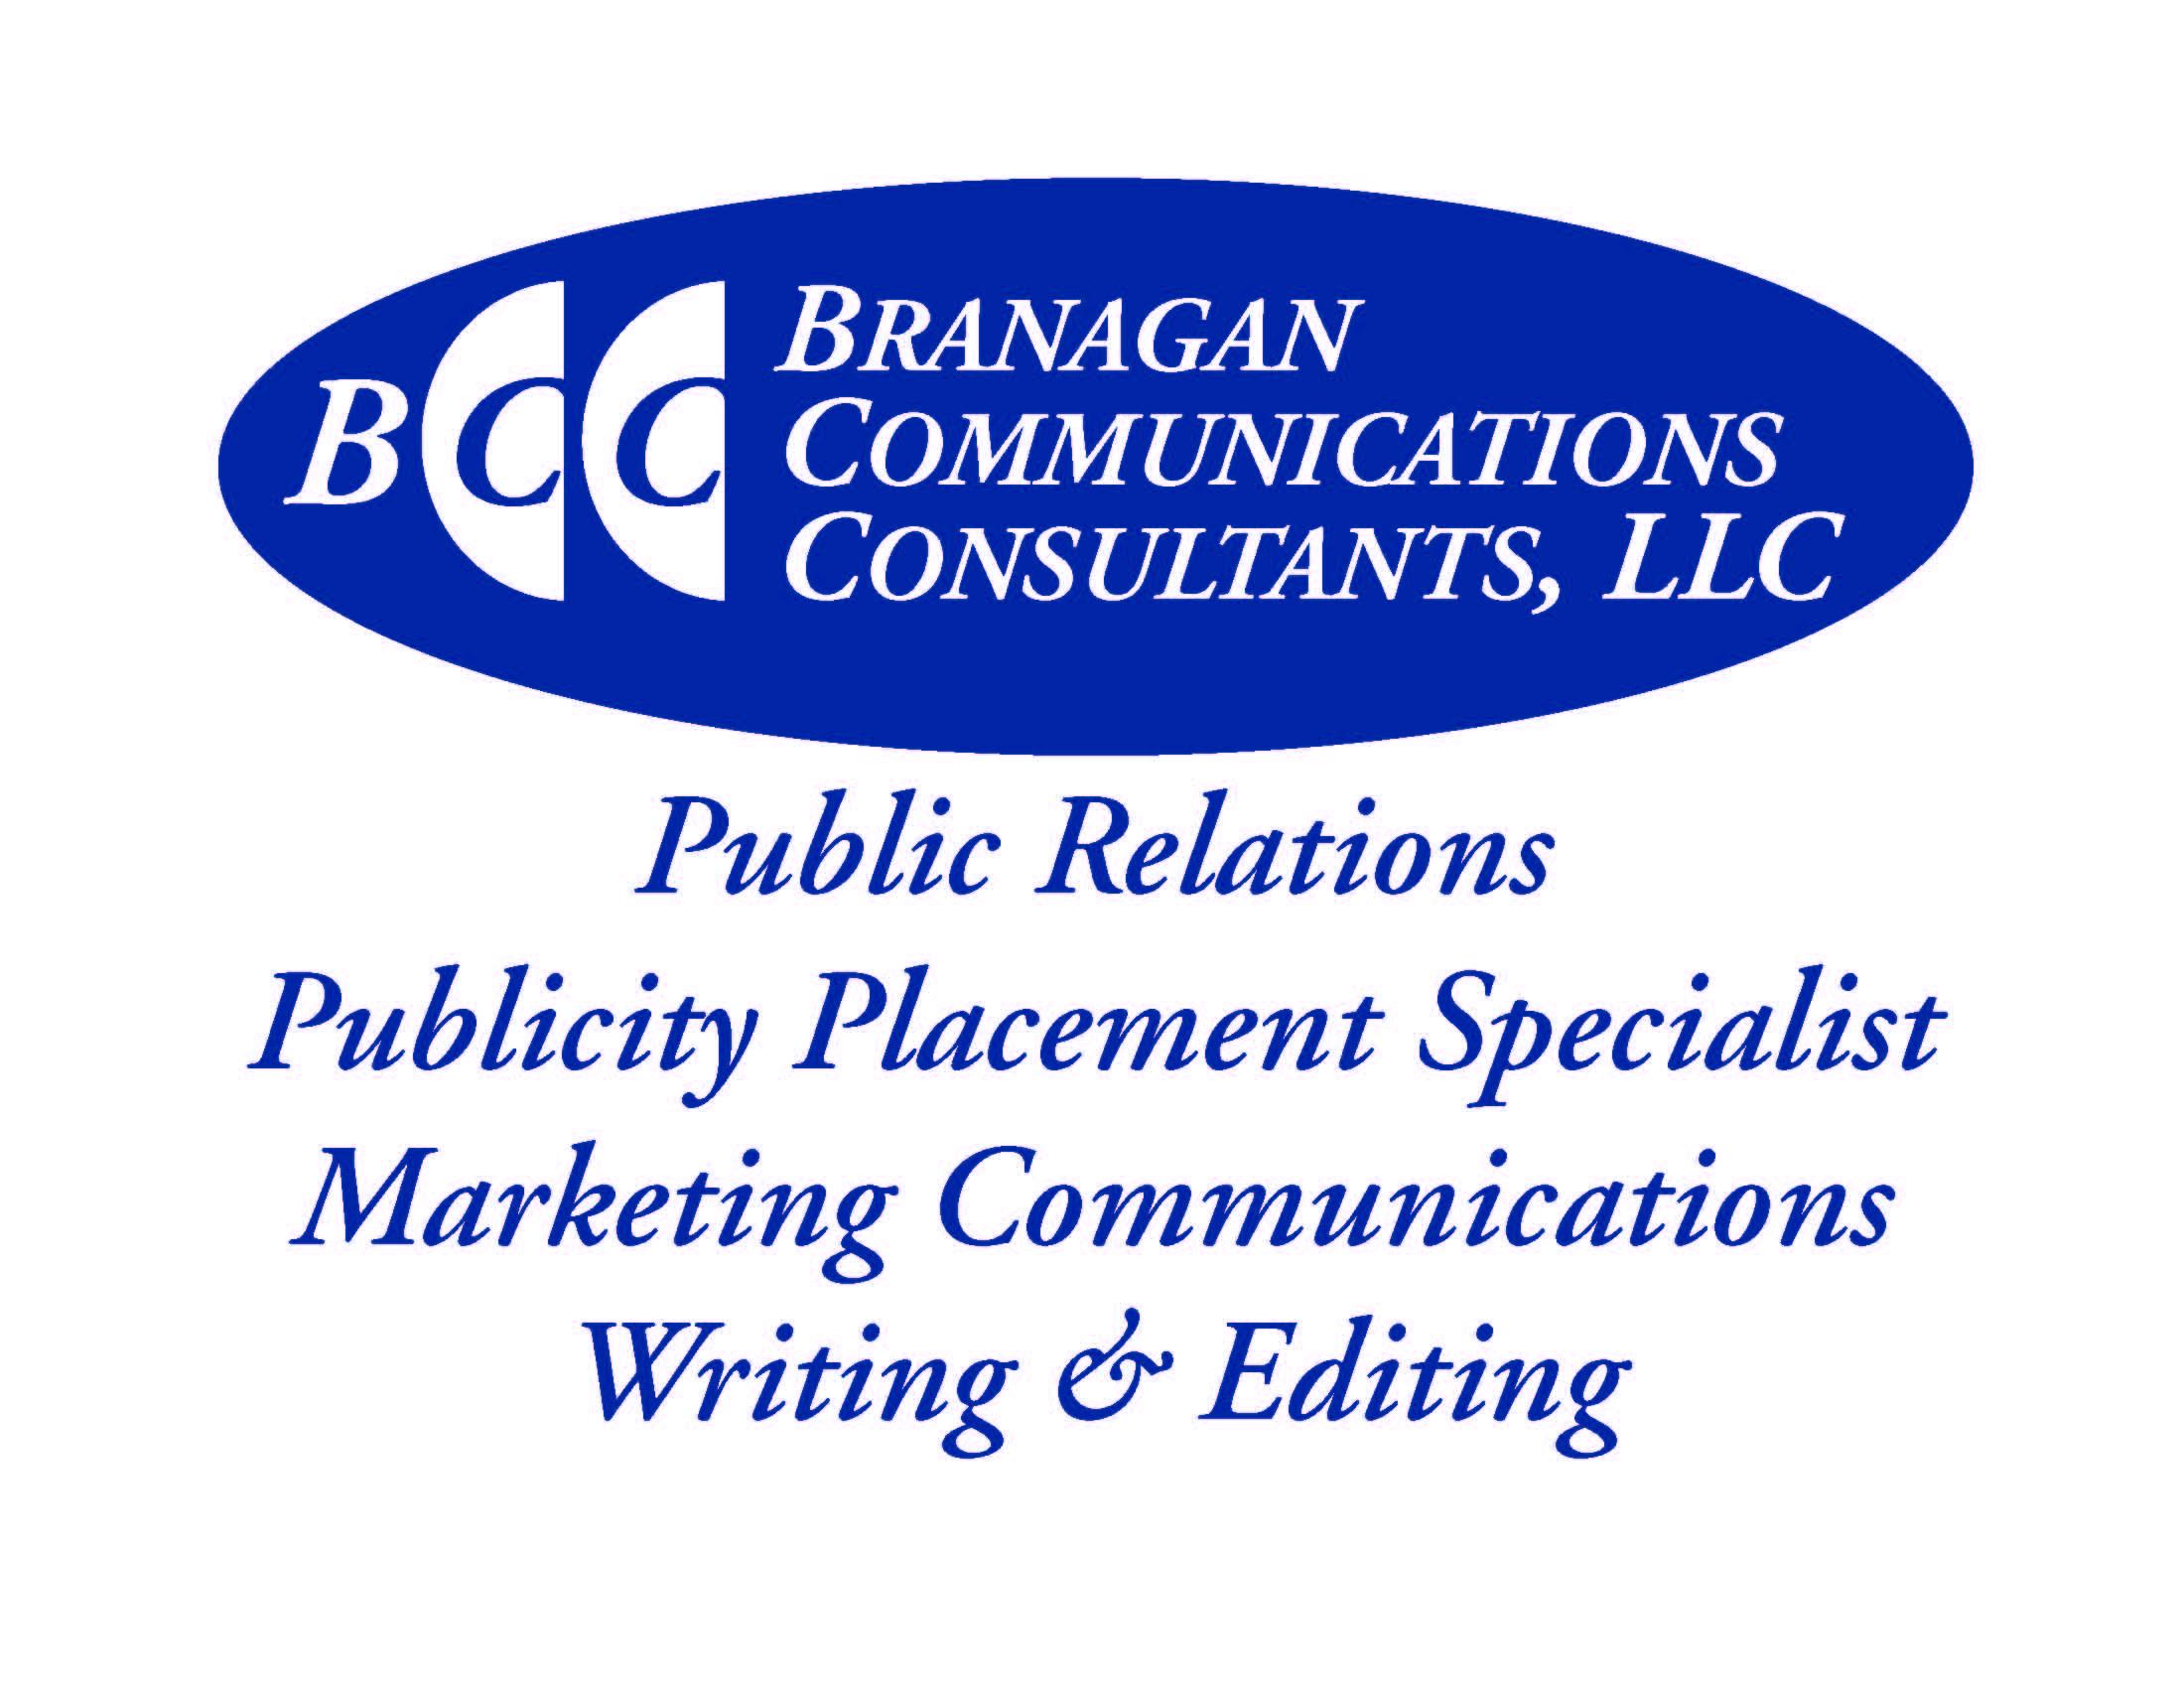 Branagan Communications Consultants LLC